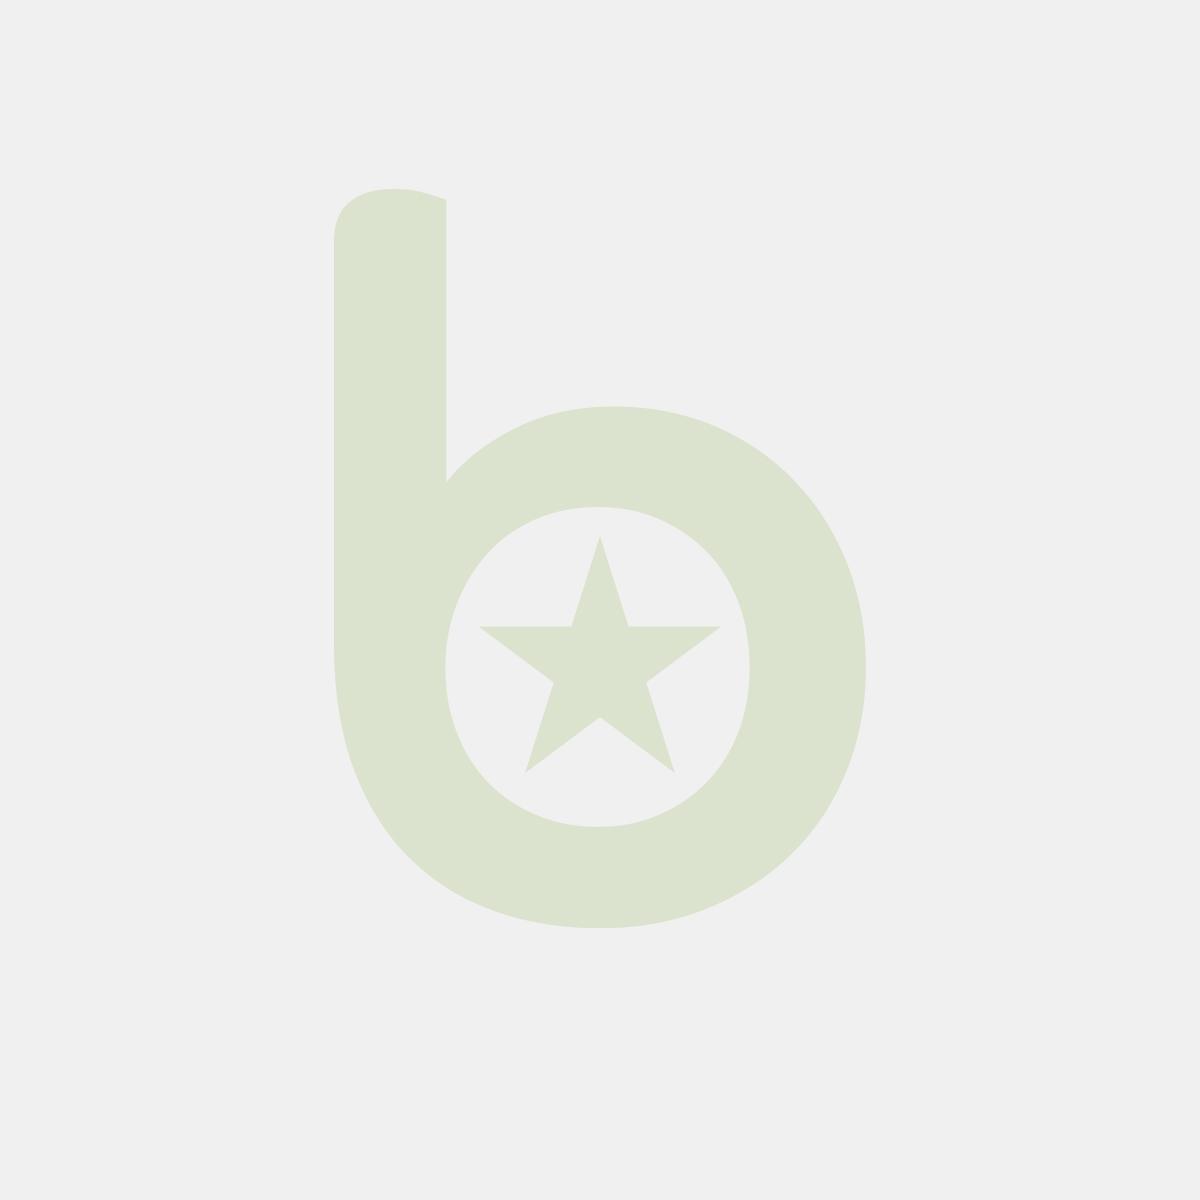 Serwetki PAPSTAR Royal Collection Adele 40x40 zielone, opakowanie 50szt